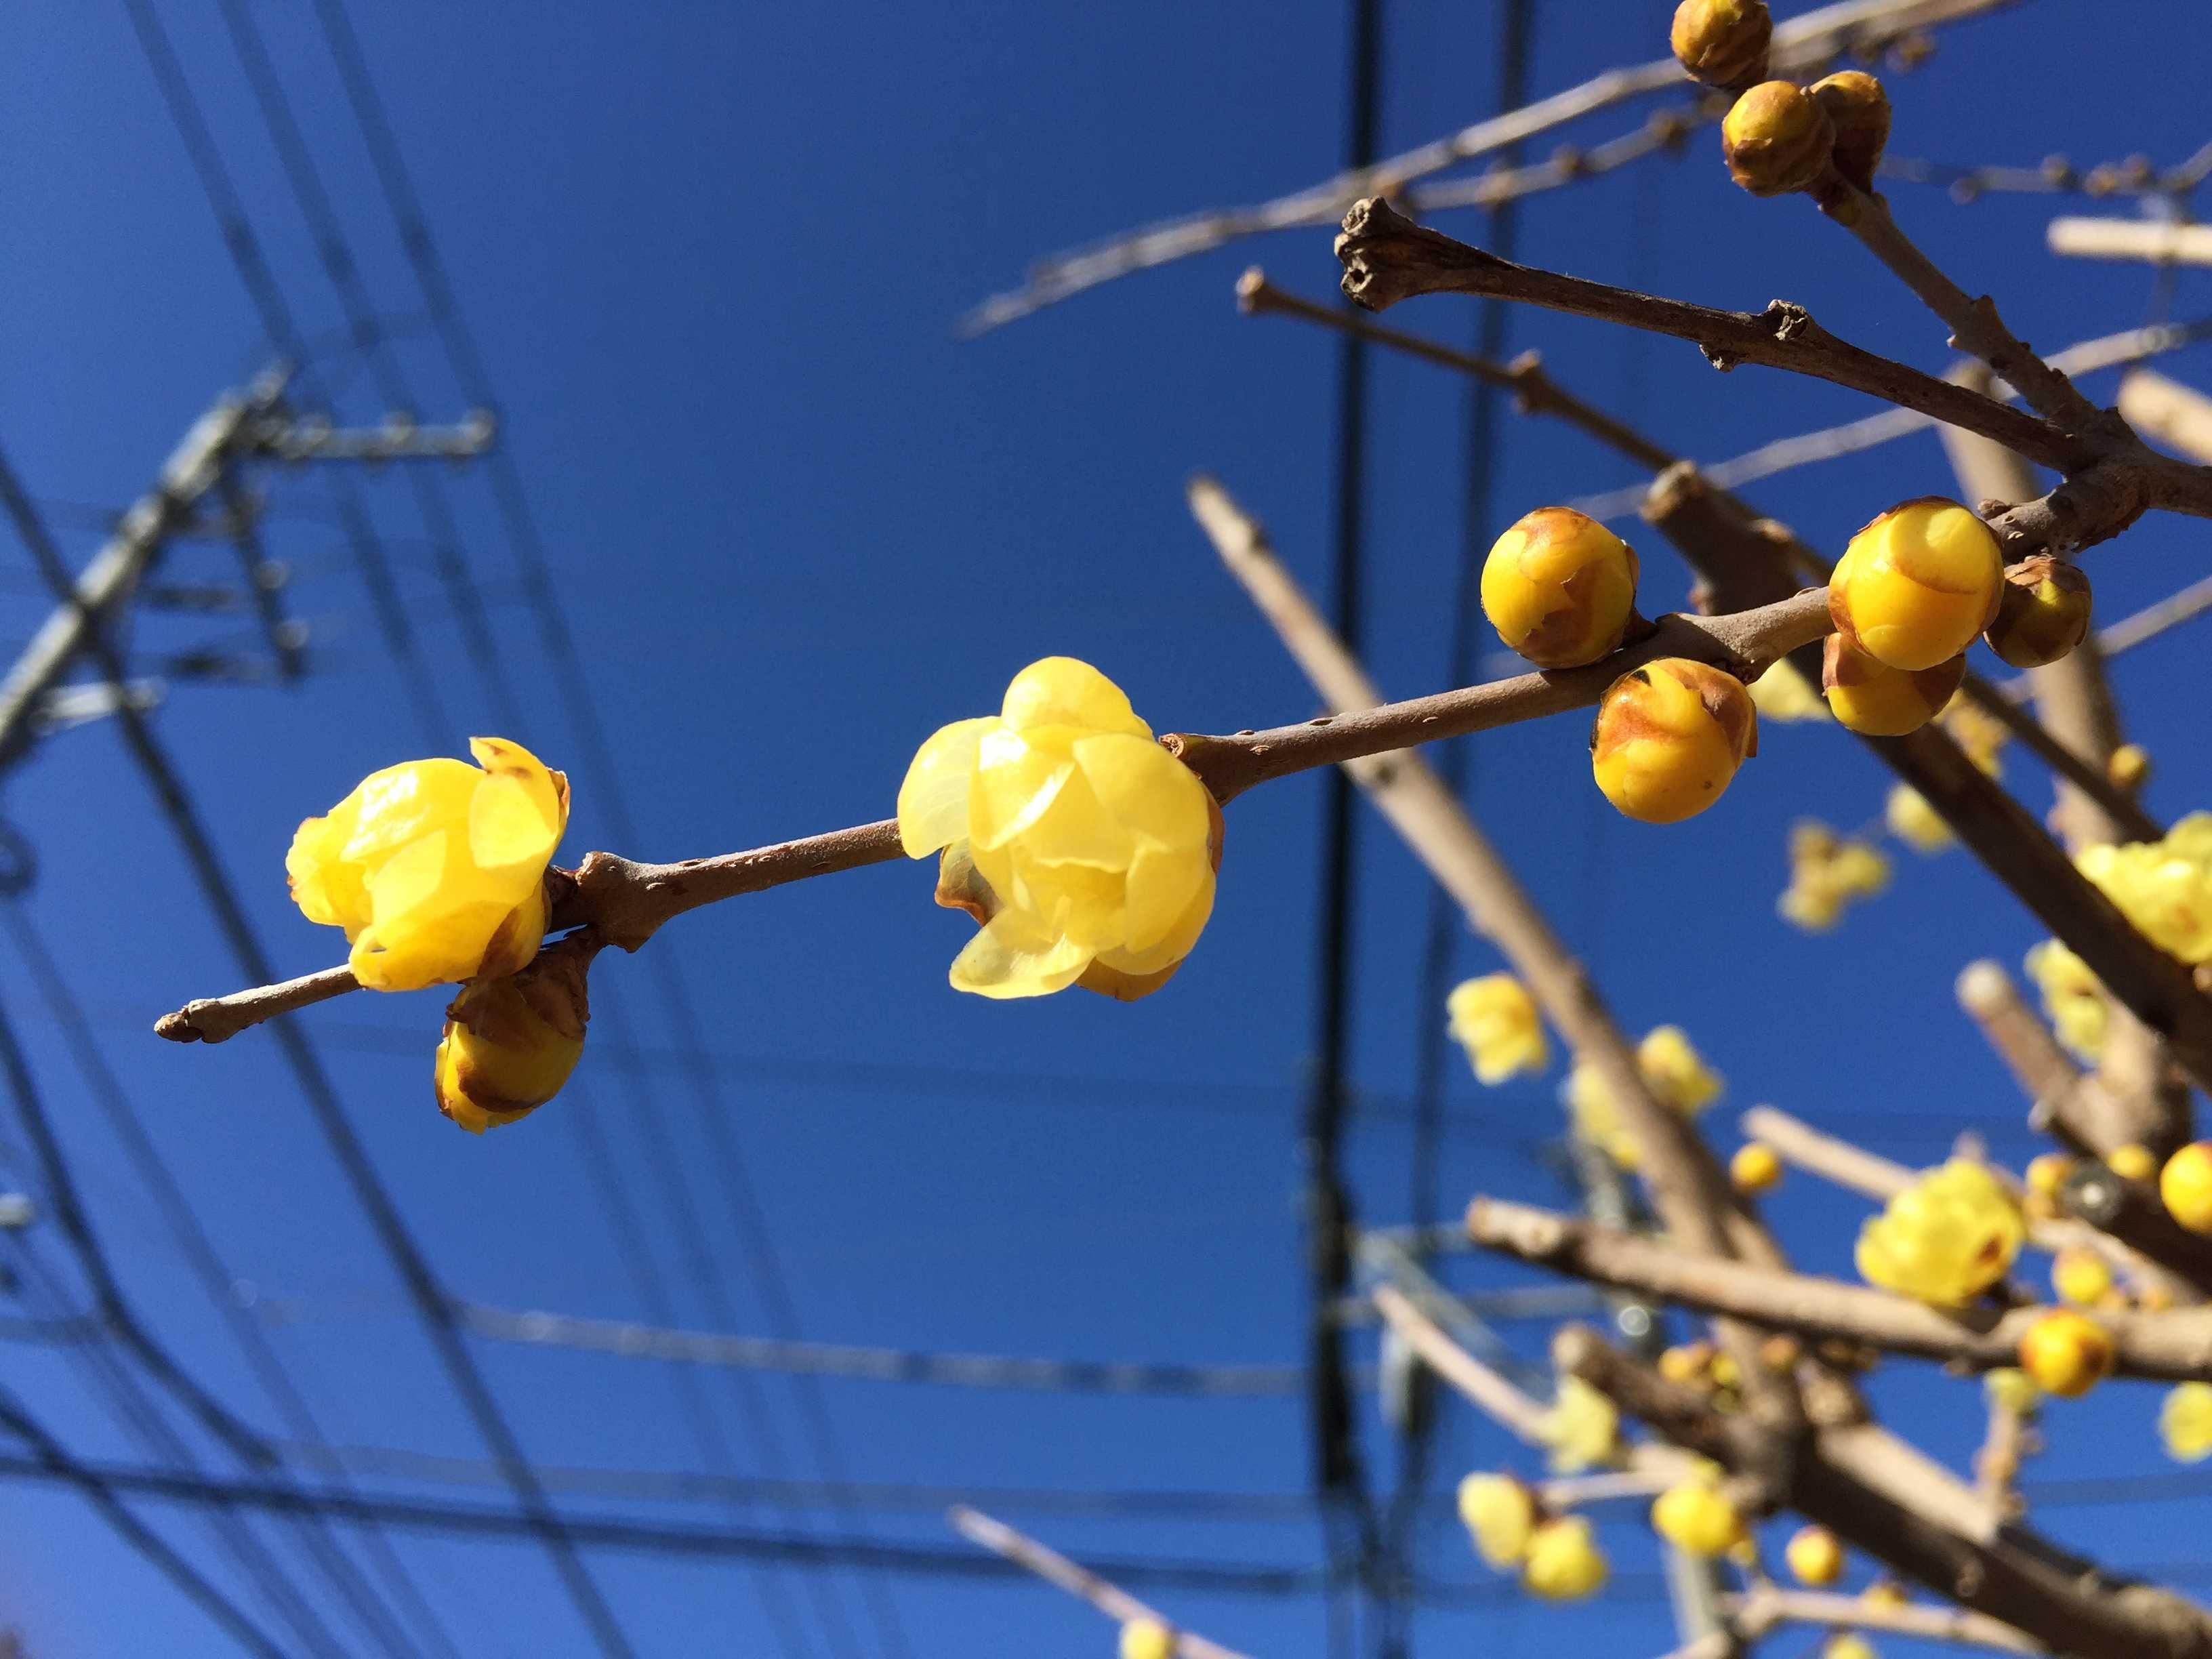 蝋梅(ロウバイ/蠟梅/臘梅)の花